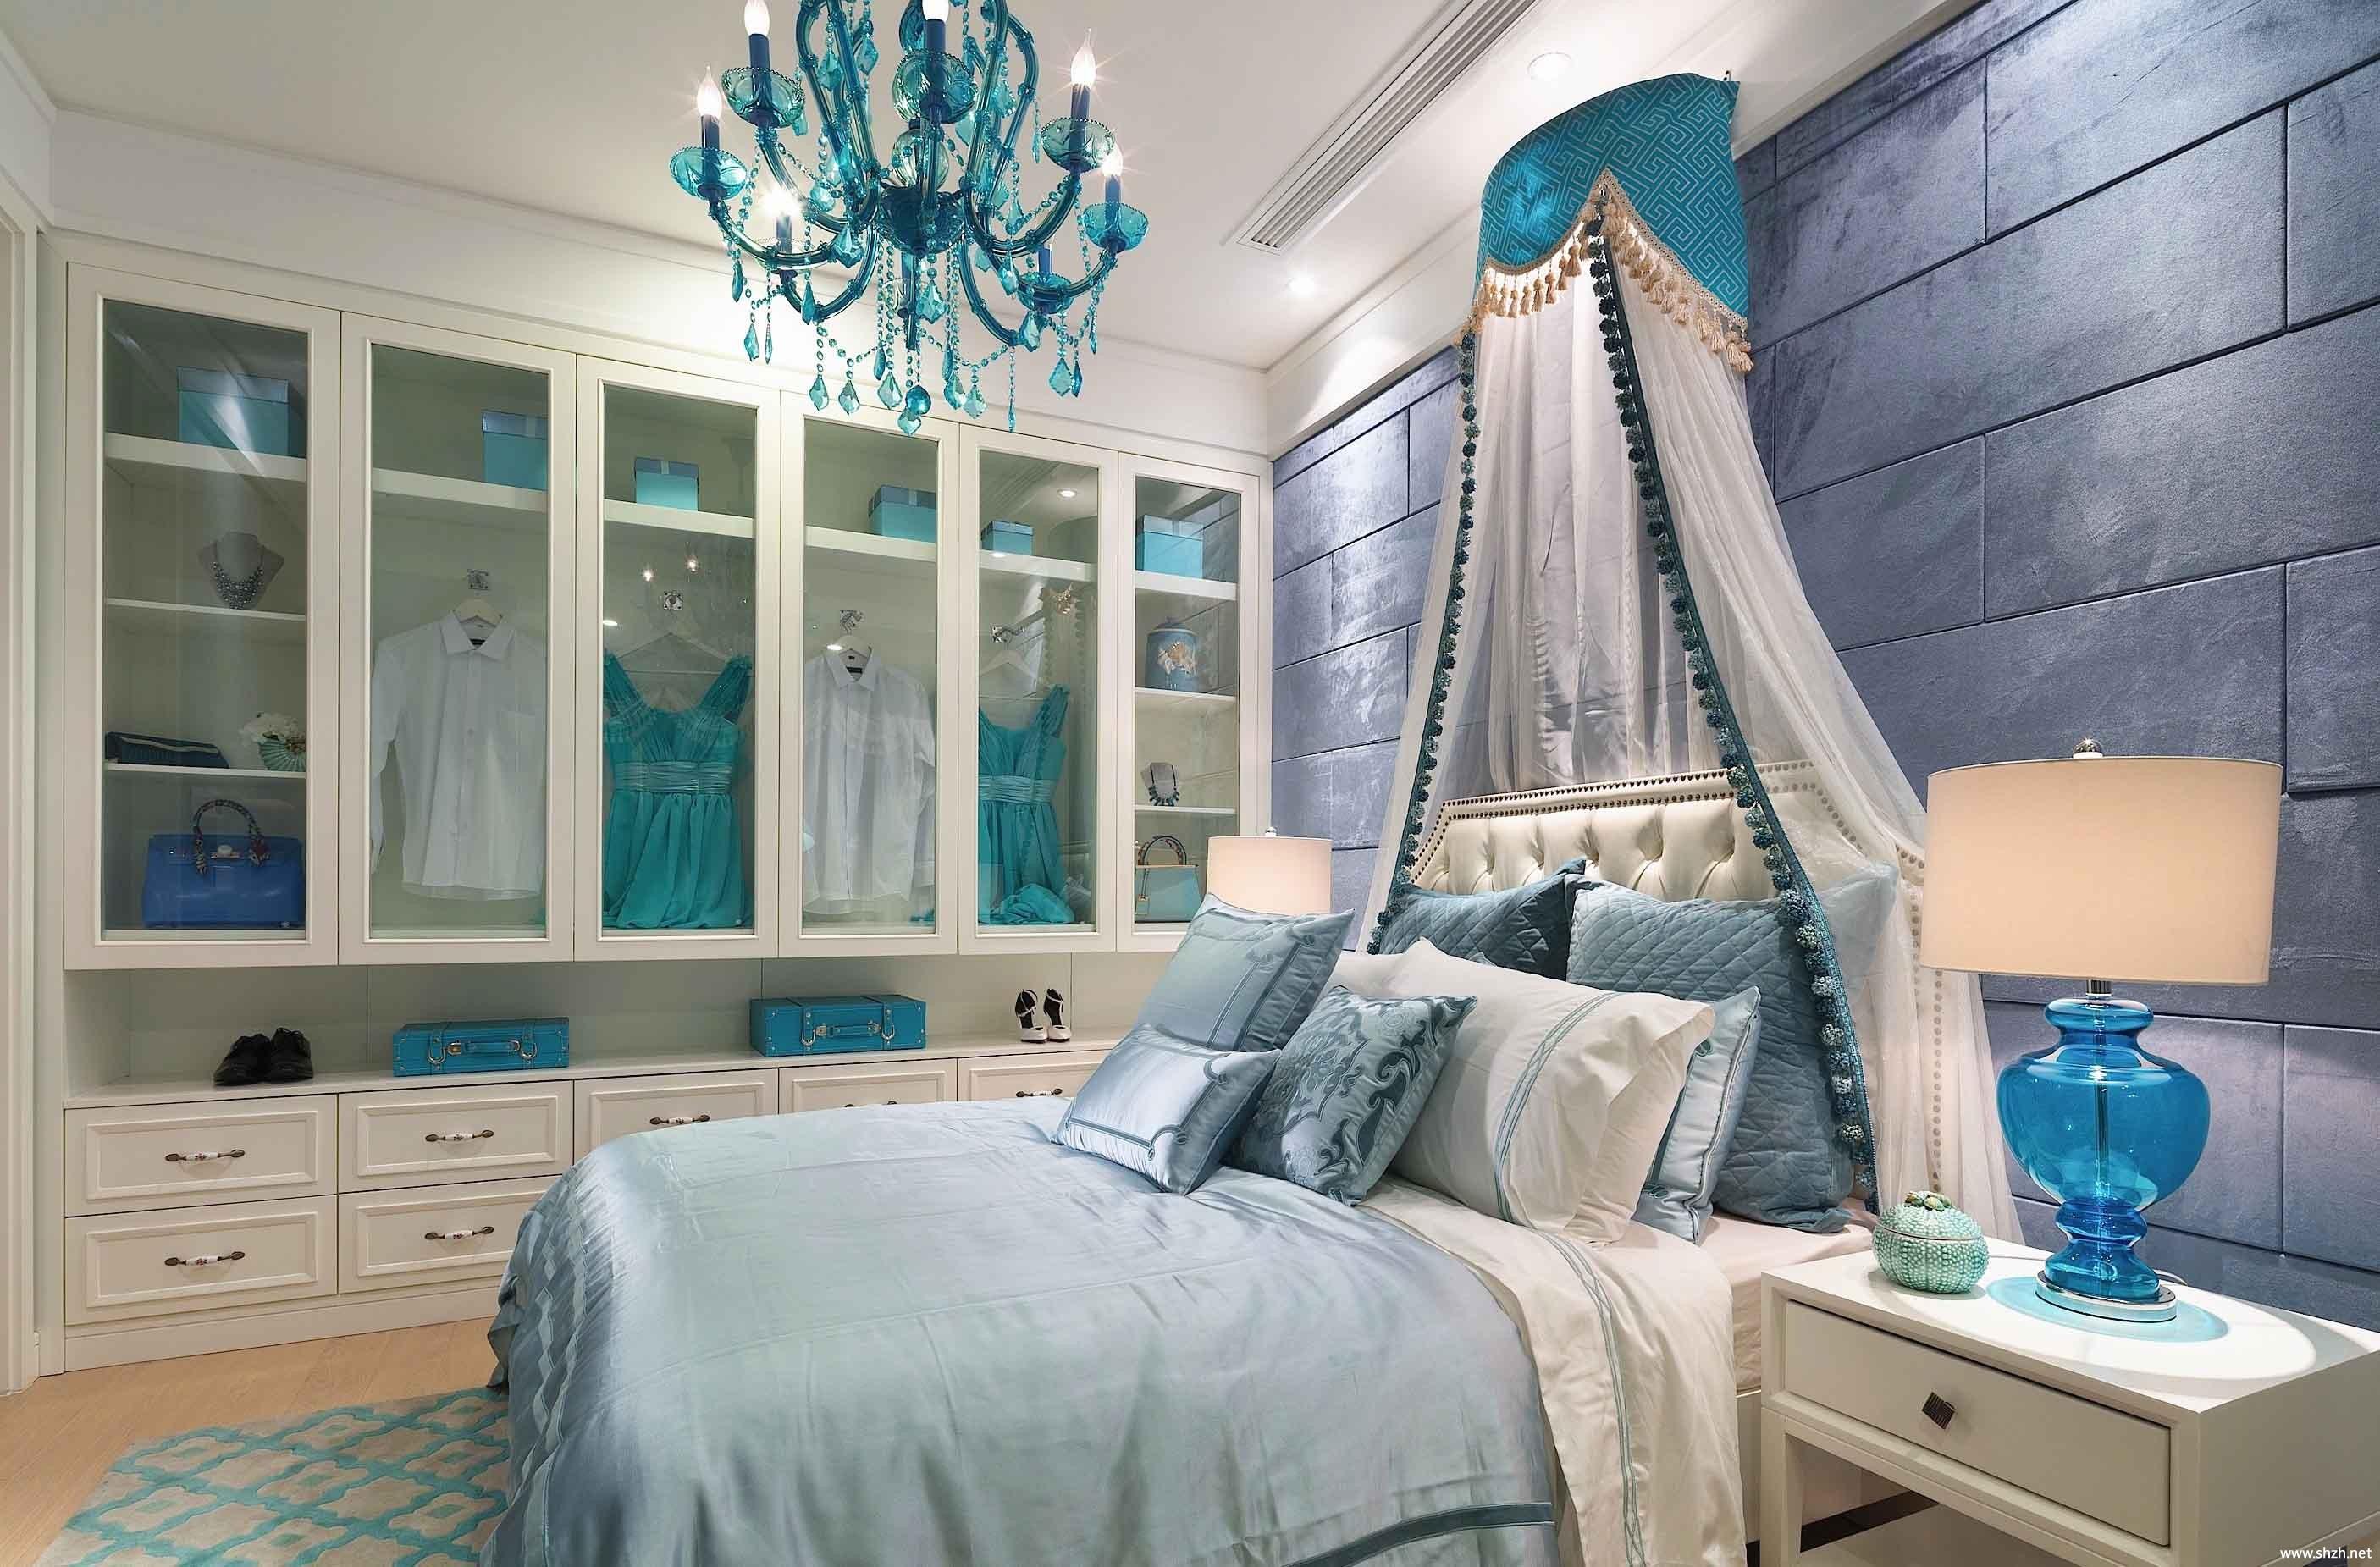 背景墙 房间 家居 起居室 设计 卧室 卧室装修 现代 装修 2811_1851